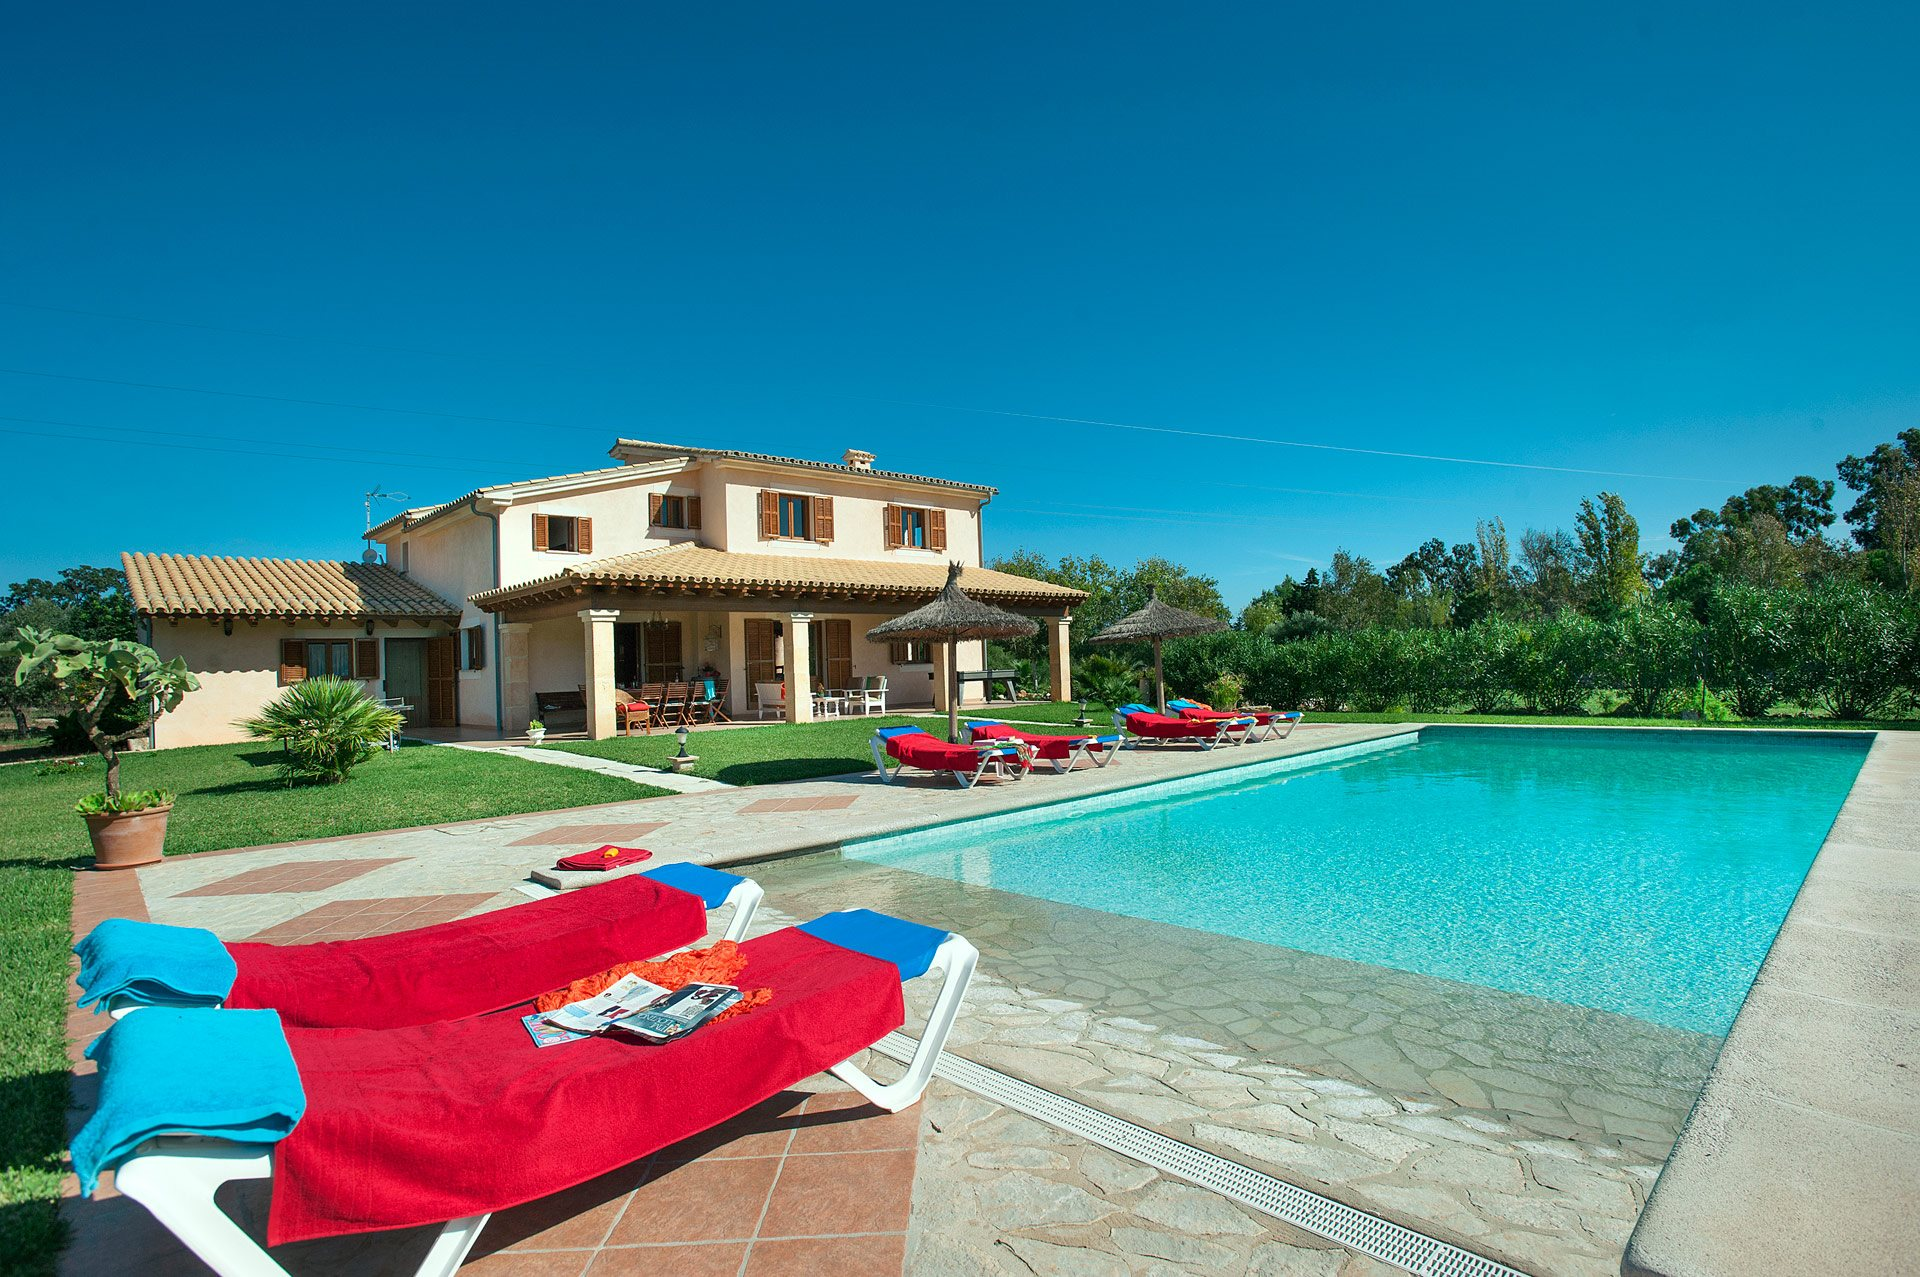 Villa Pallicer, Pollensa, Majorca, Spain